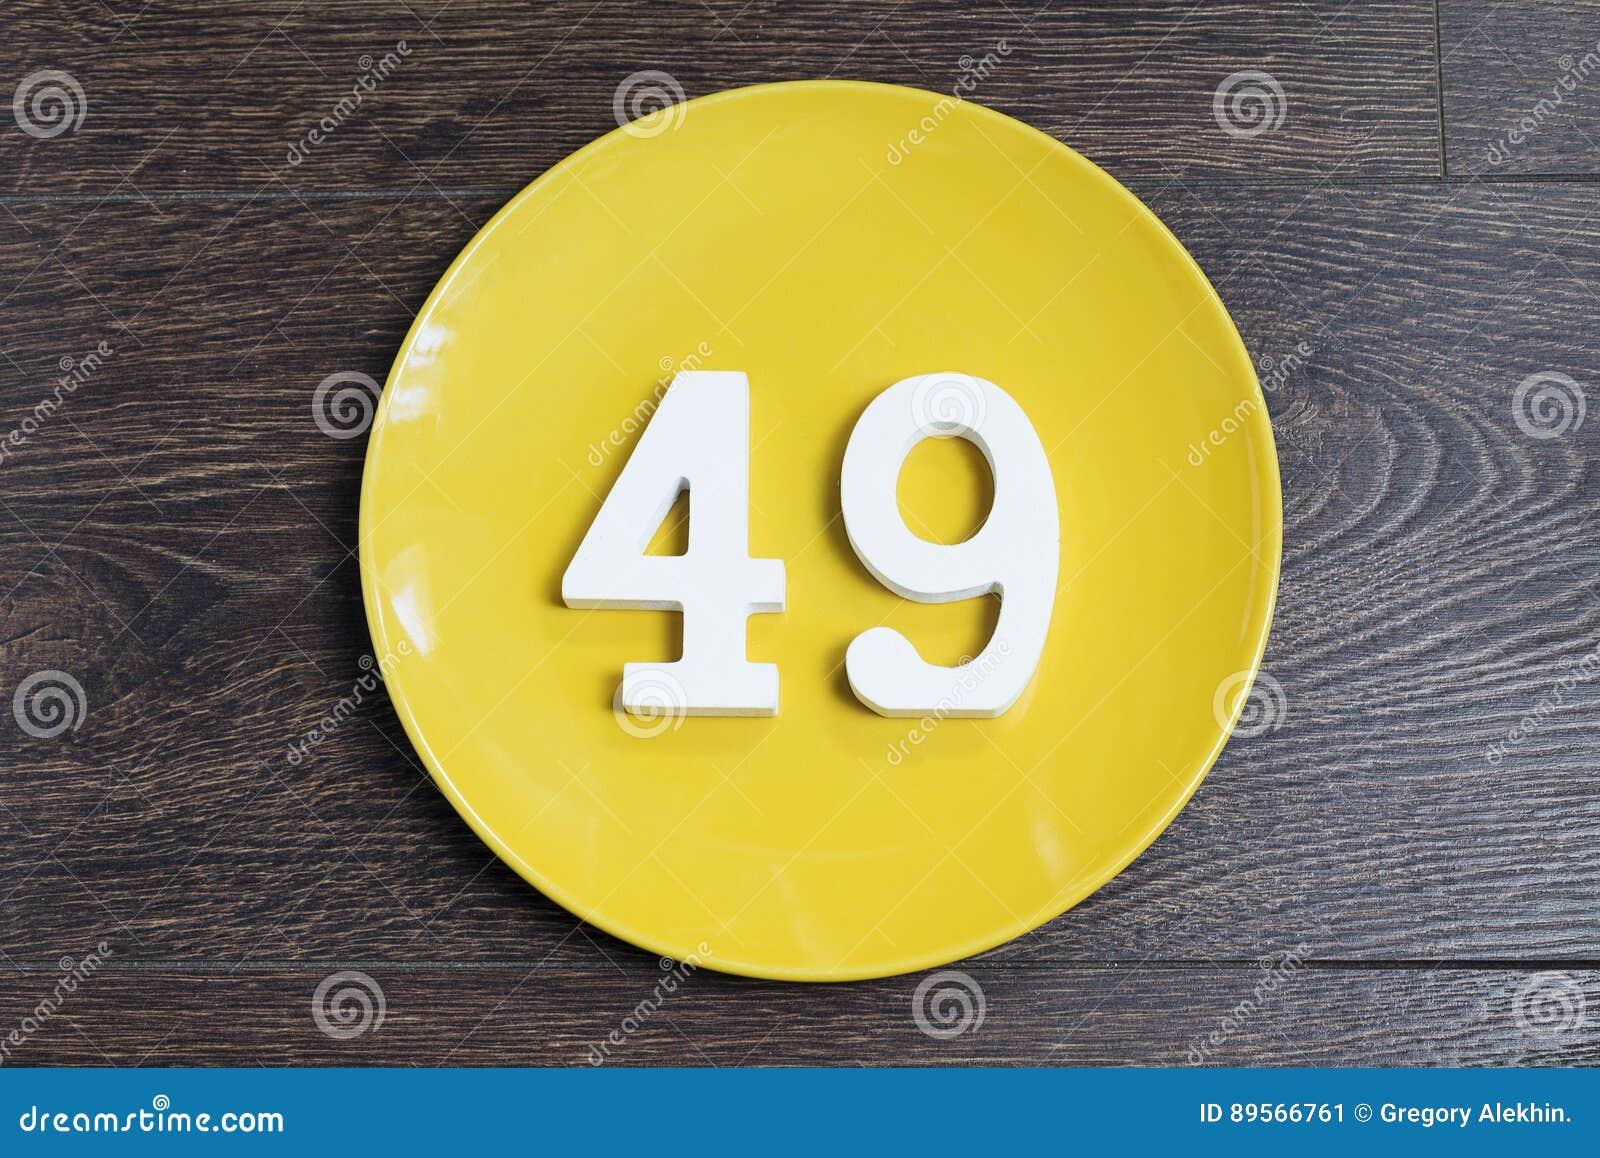 Liczba czterdzieści dziewięć na żółtym talerzu